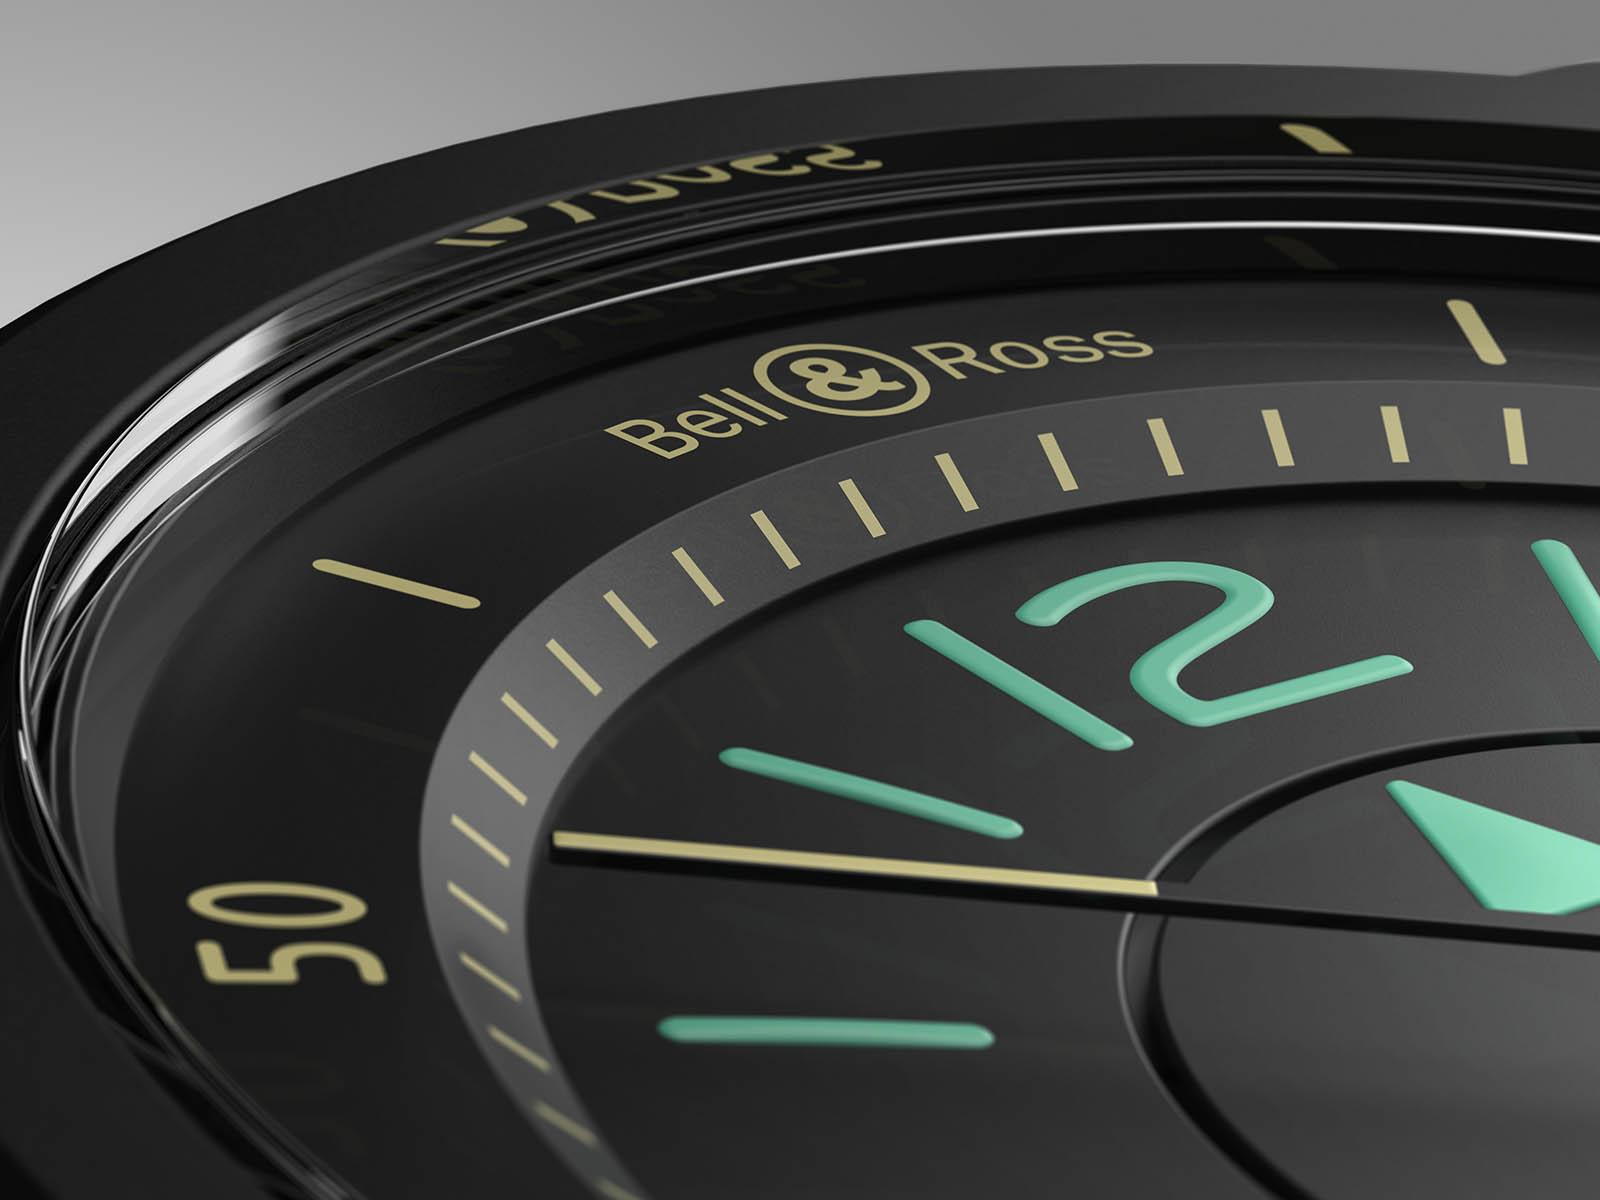 br0392-idc-ce-srb-bell-ross-br-03-92-bi-compass-7.jpg